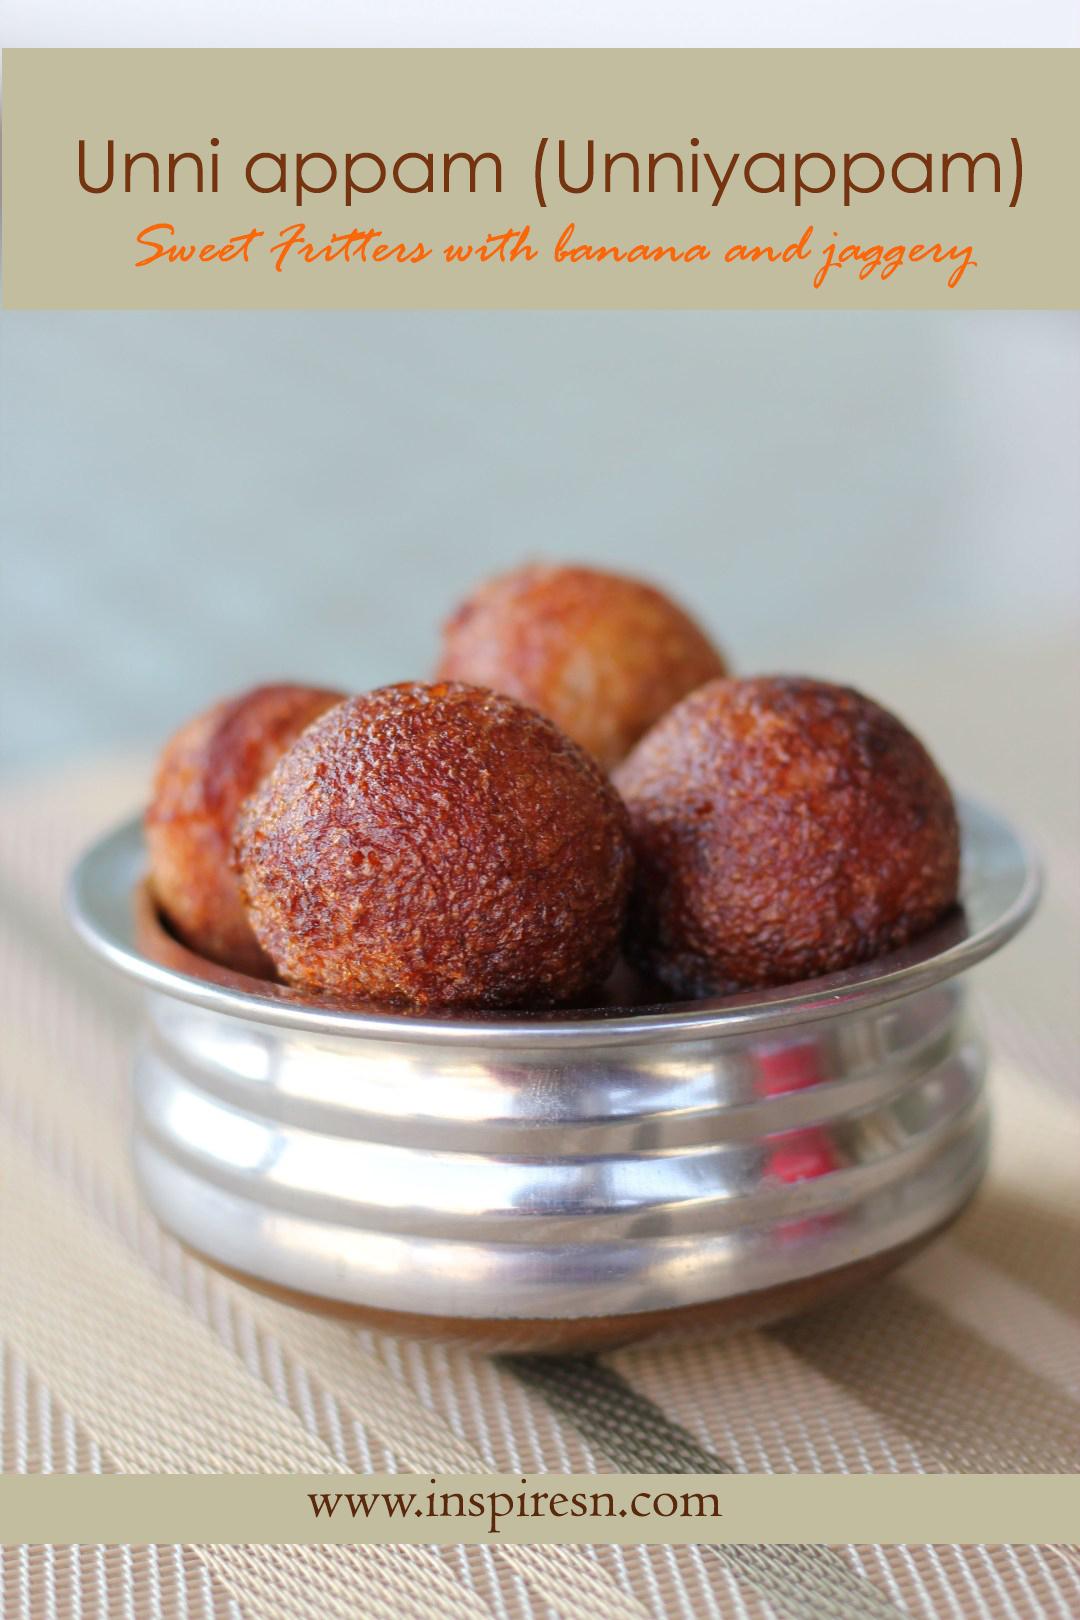 Unniappam Sweet Fritters